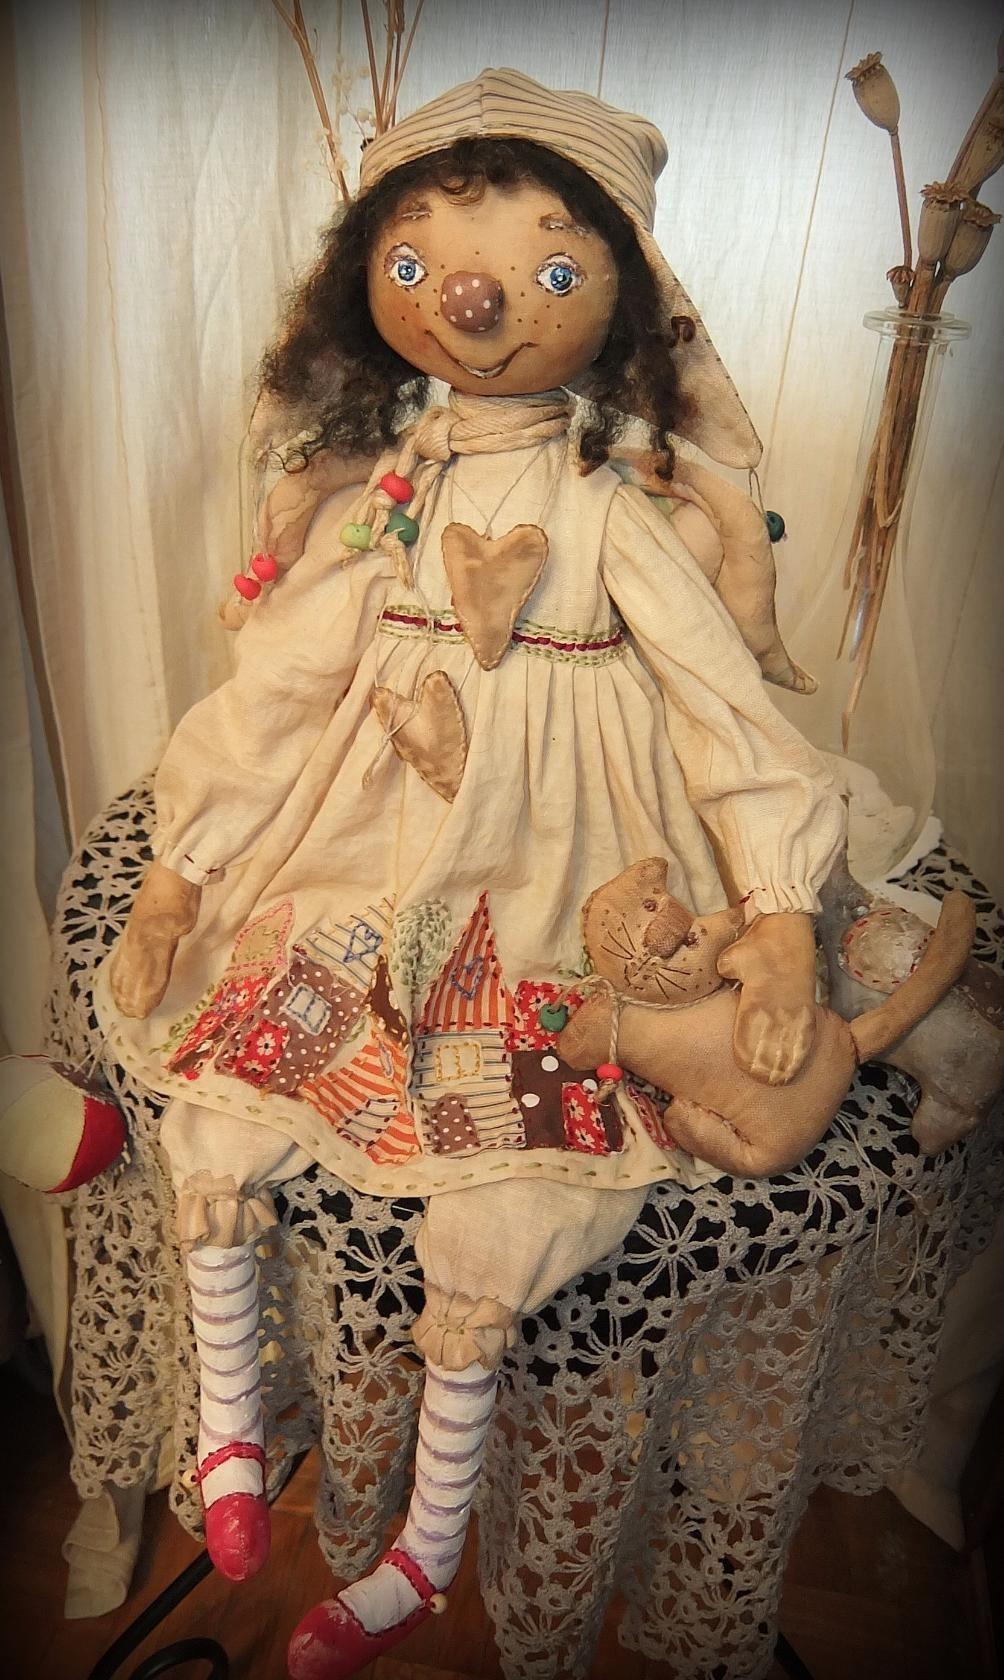 известные картины куклы примитивы фото что любимчик